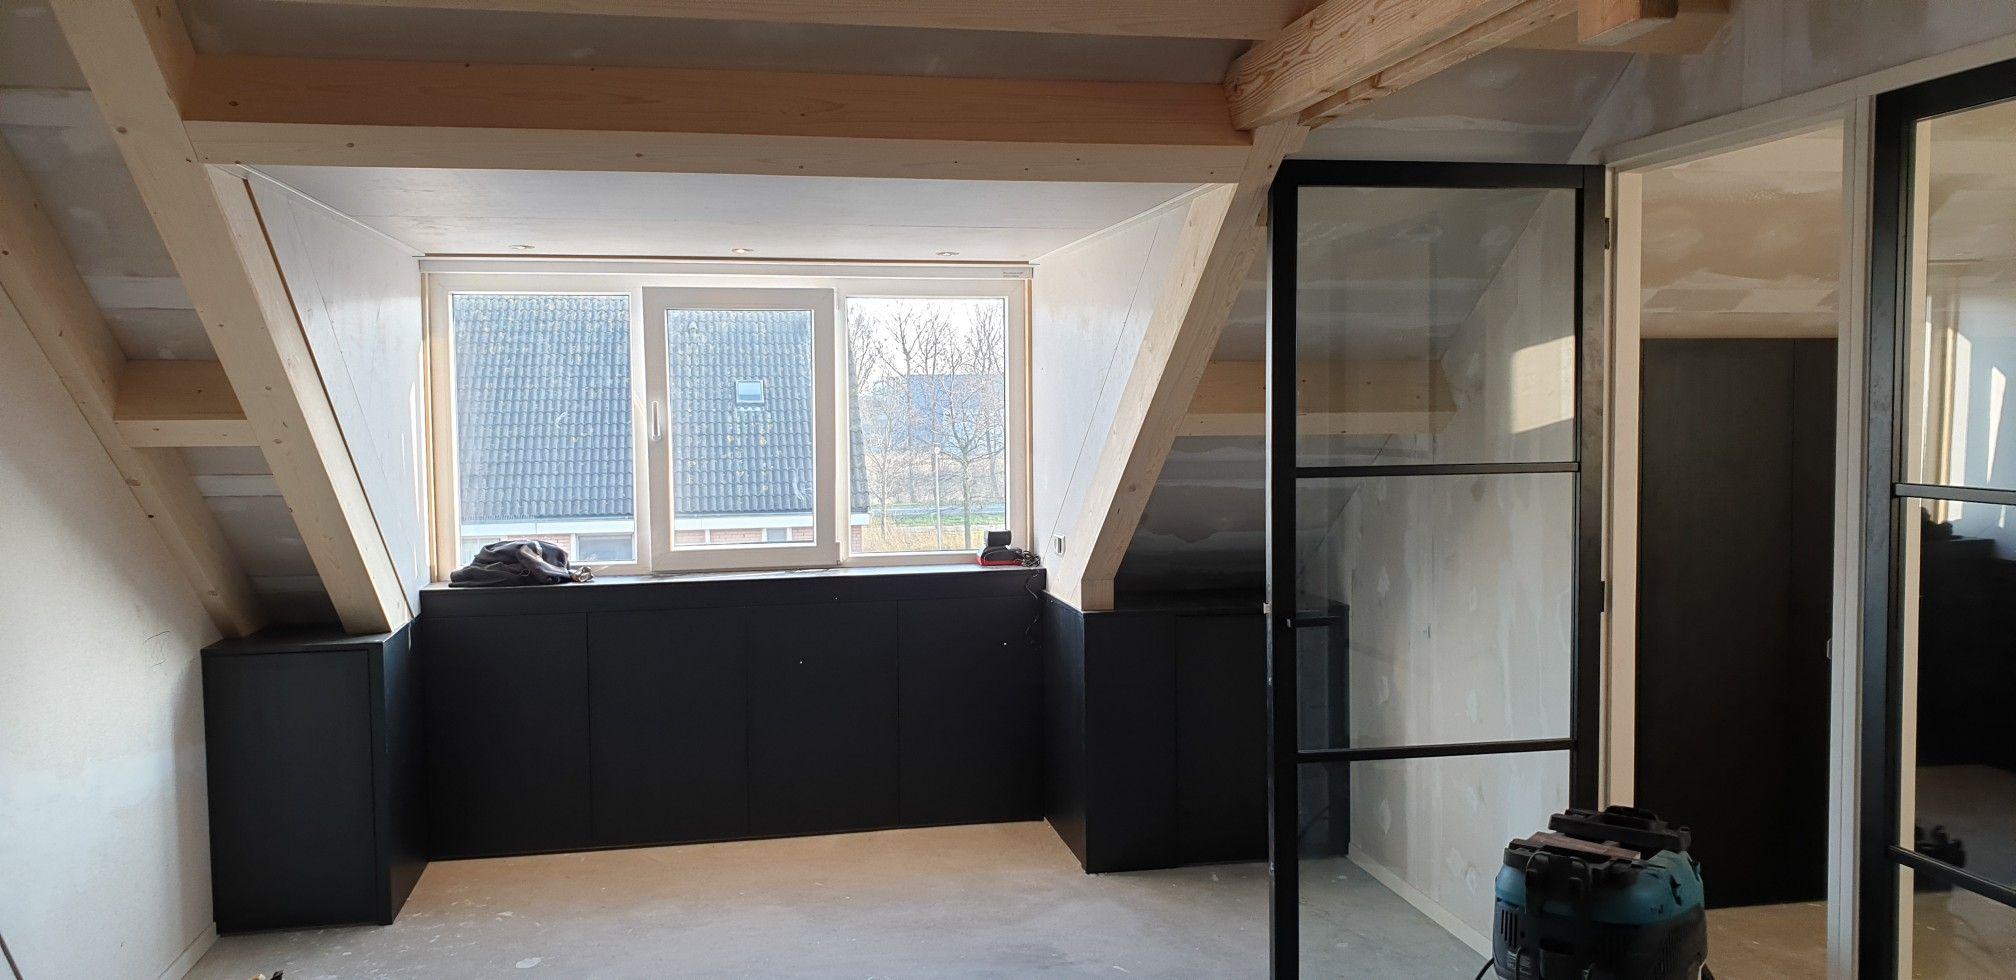 Pin van Rensske op Home in 2020 Zolder met dakkapel